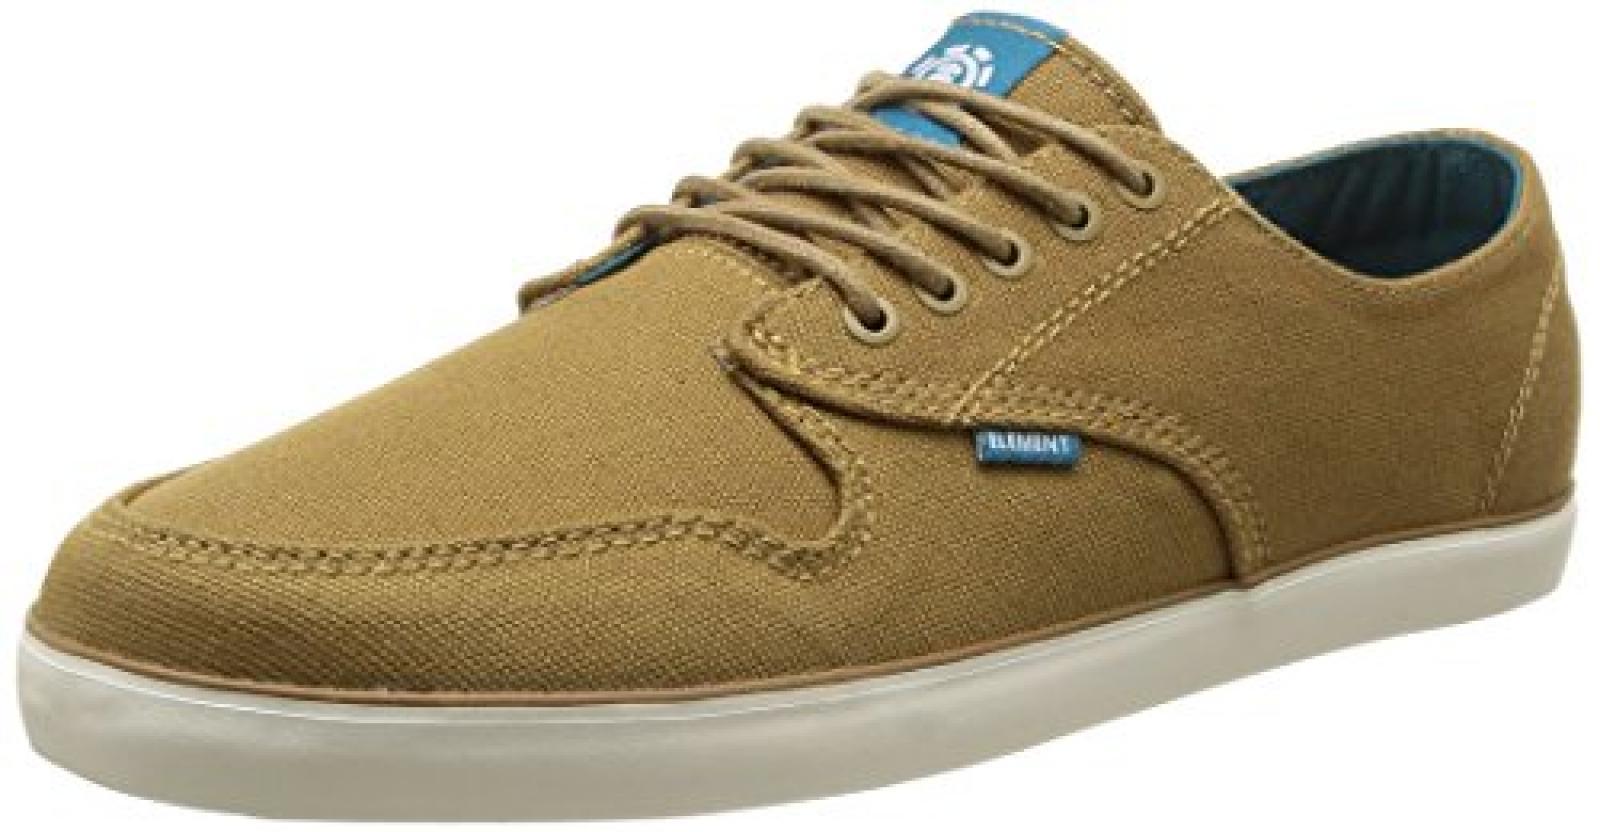 Element TOPAZ Herren Sneakers